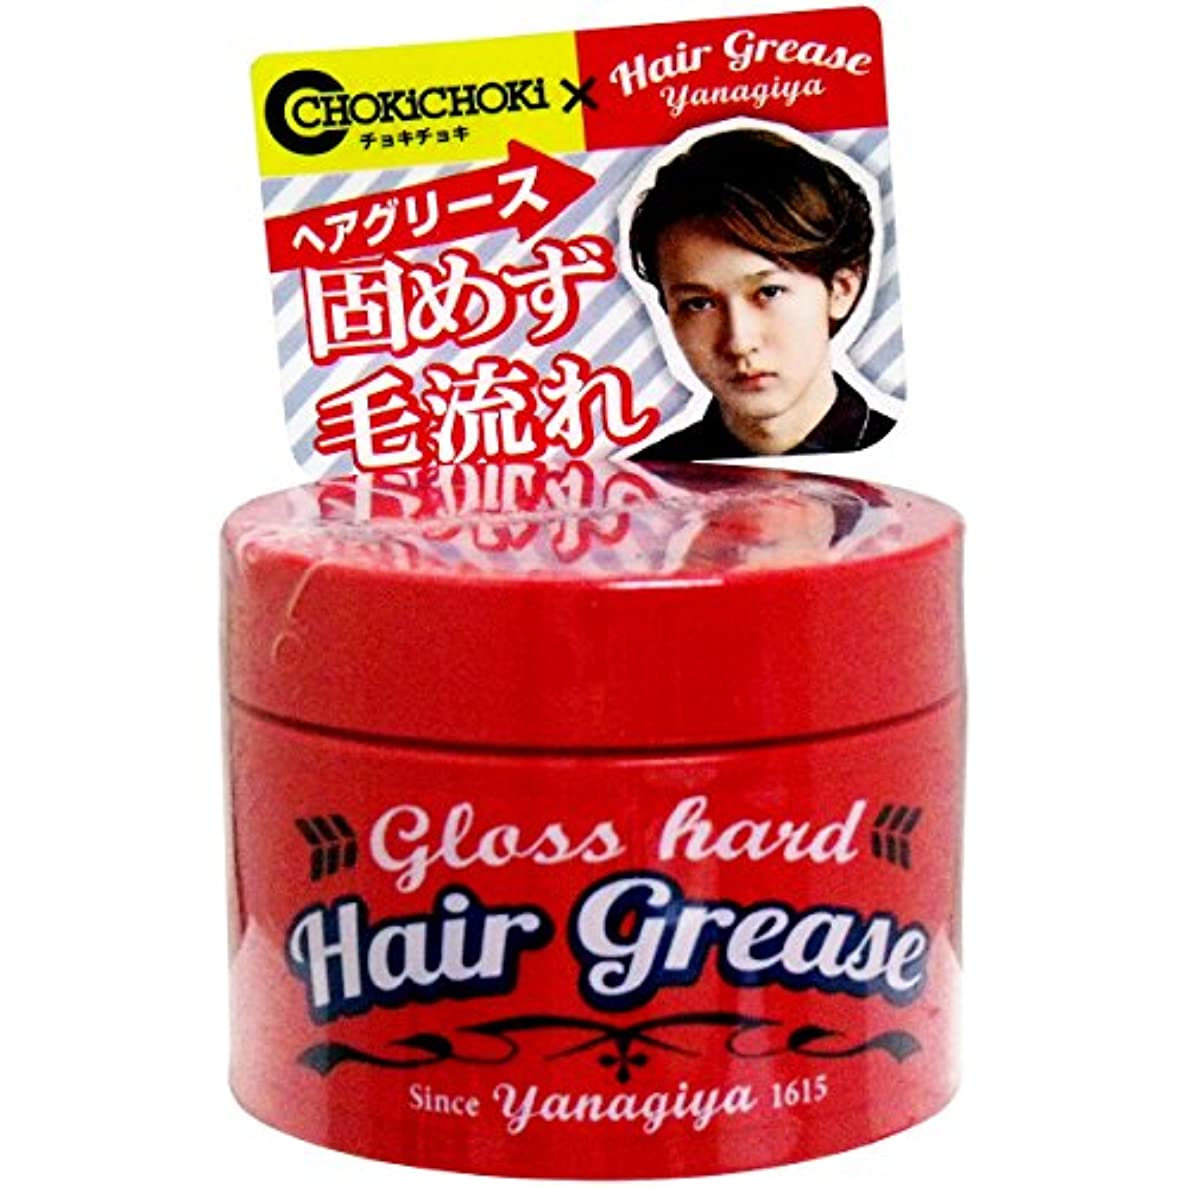 休憩あいまい近代化するヘアワックス 固めず毛流れ 使いやすい YANAGIYA ヘアグリース グロスハード 90g入【3個セット】